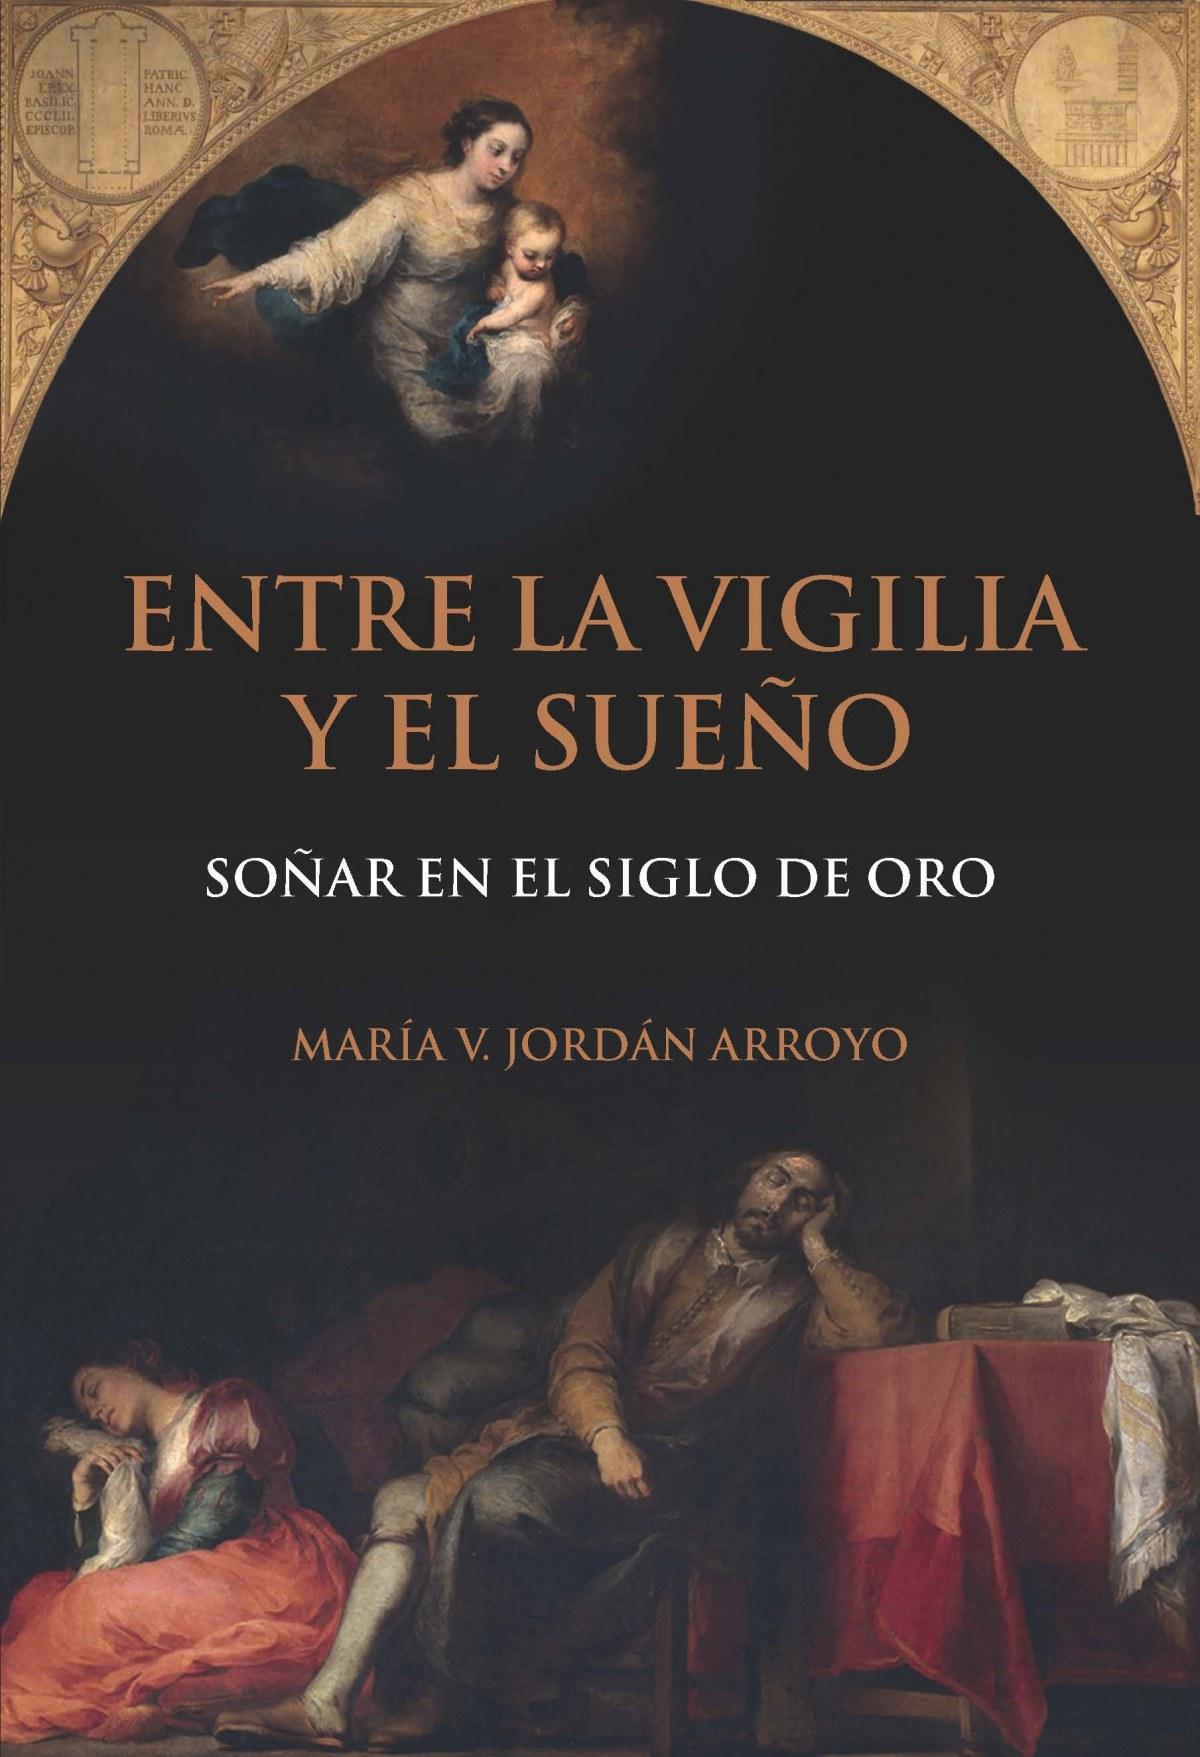 ENTRE LA VIGILIA Y EL SUEÑO